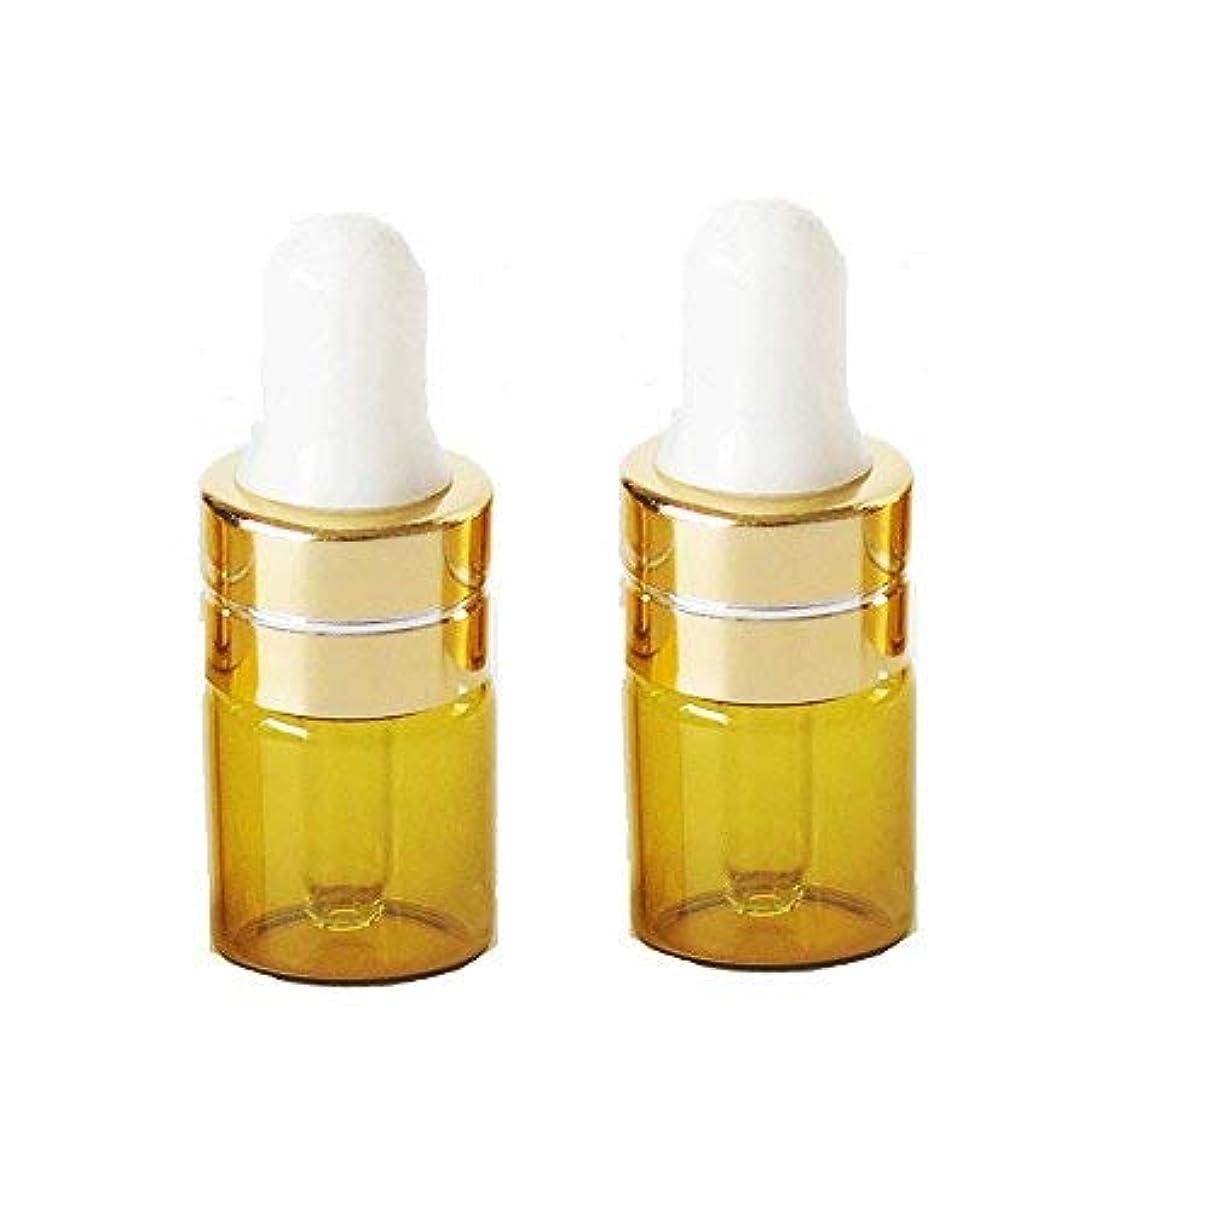 制裁棚怪しいGrand Parfums 1ml Amber Glass Dropper Bottles with Gold Caps and White Bulb for Essential Oil, Serums, Makeups...